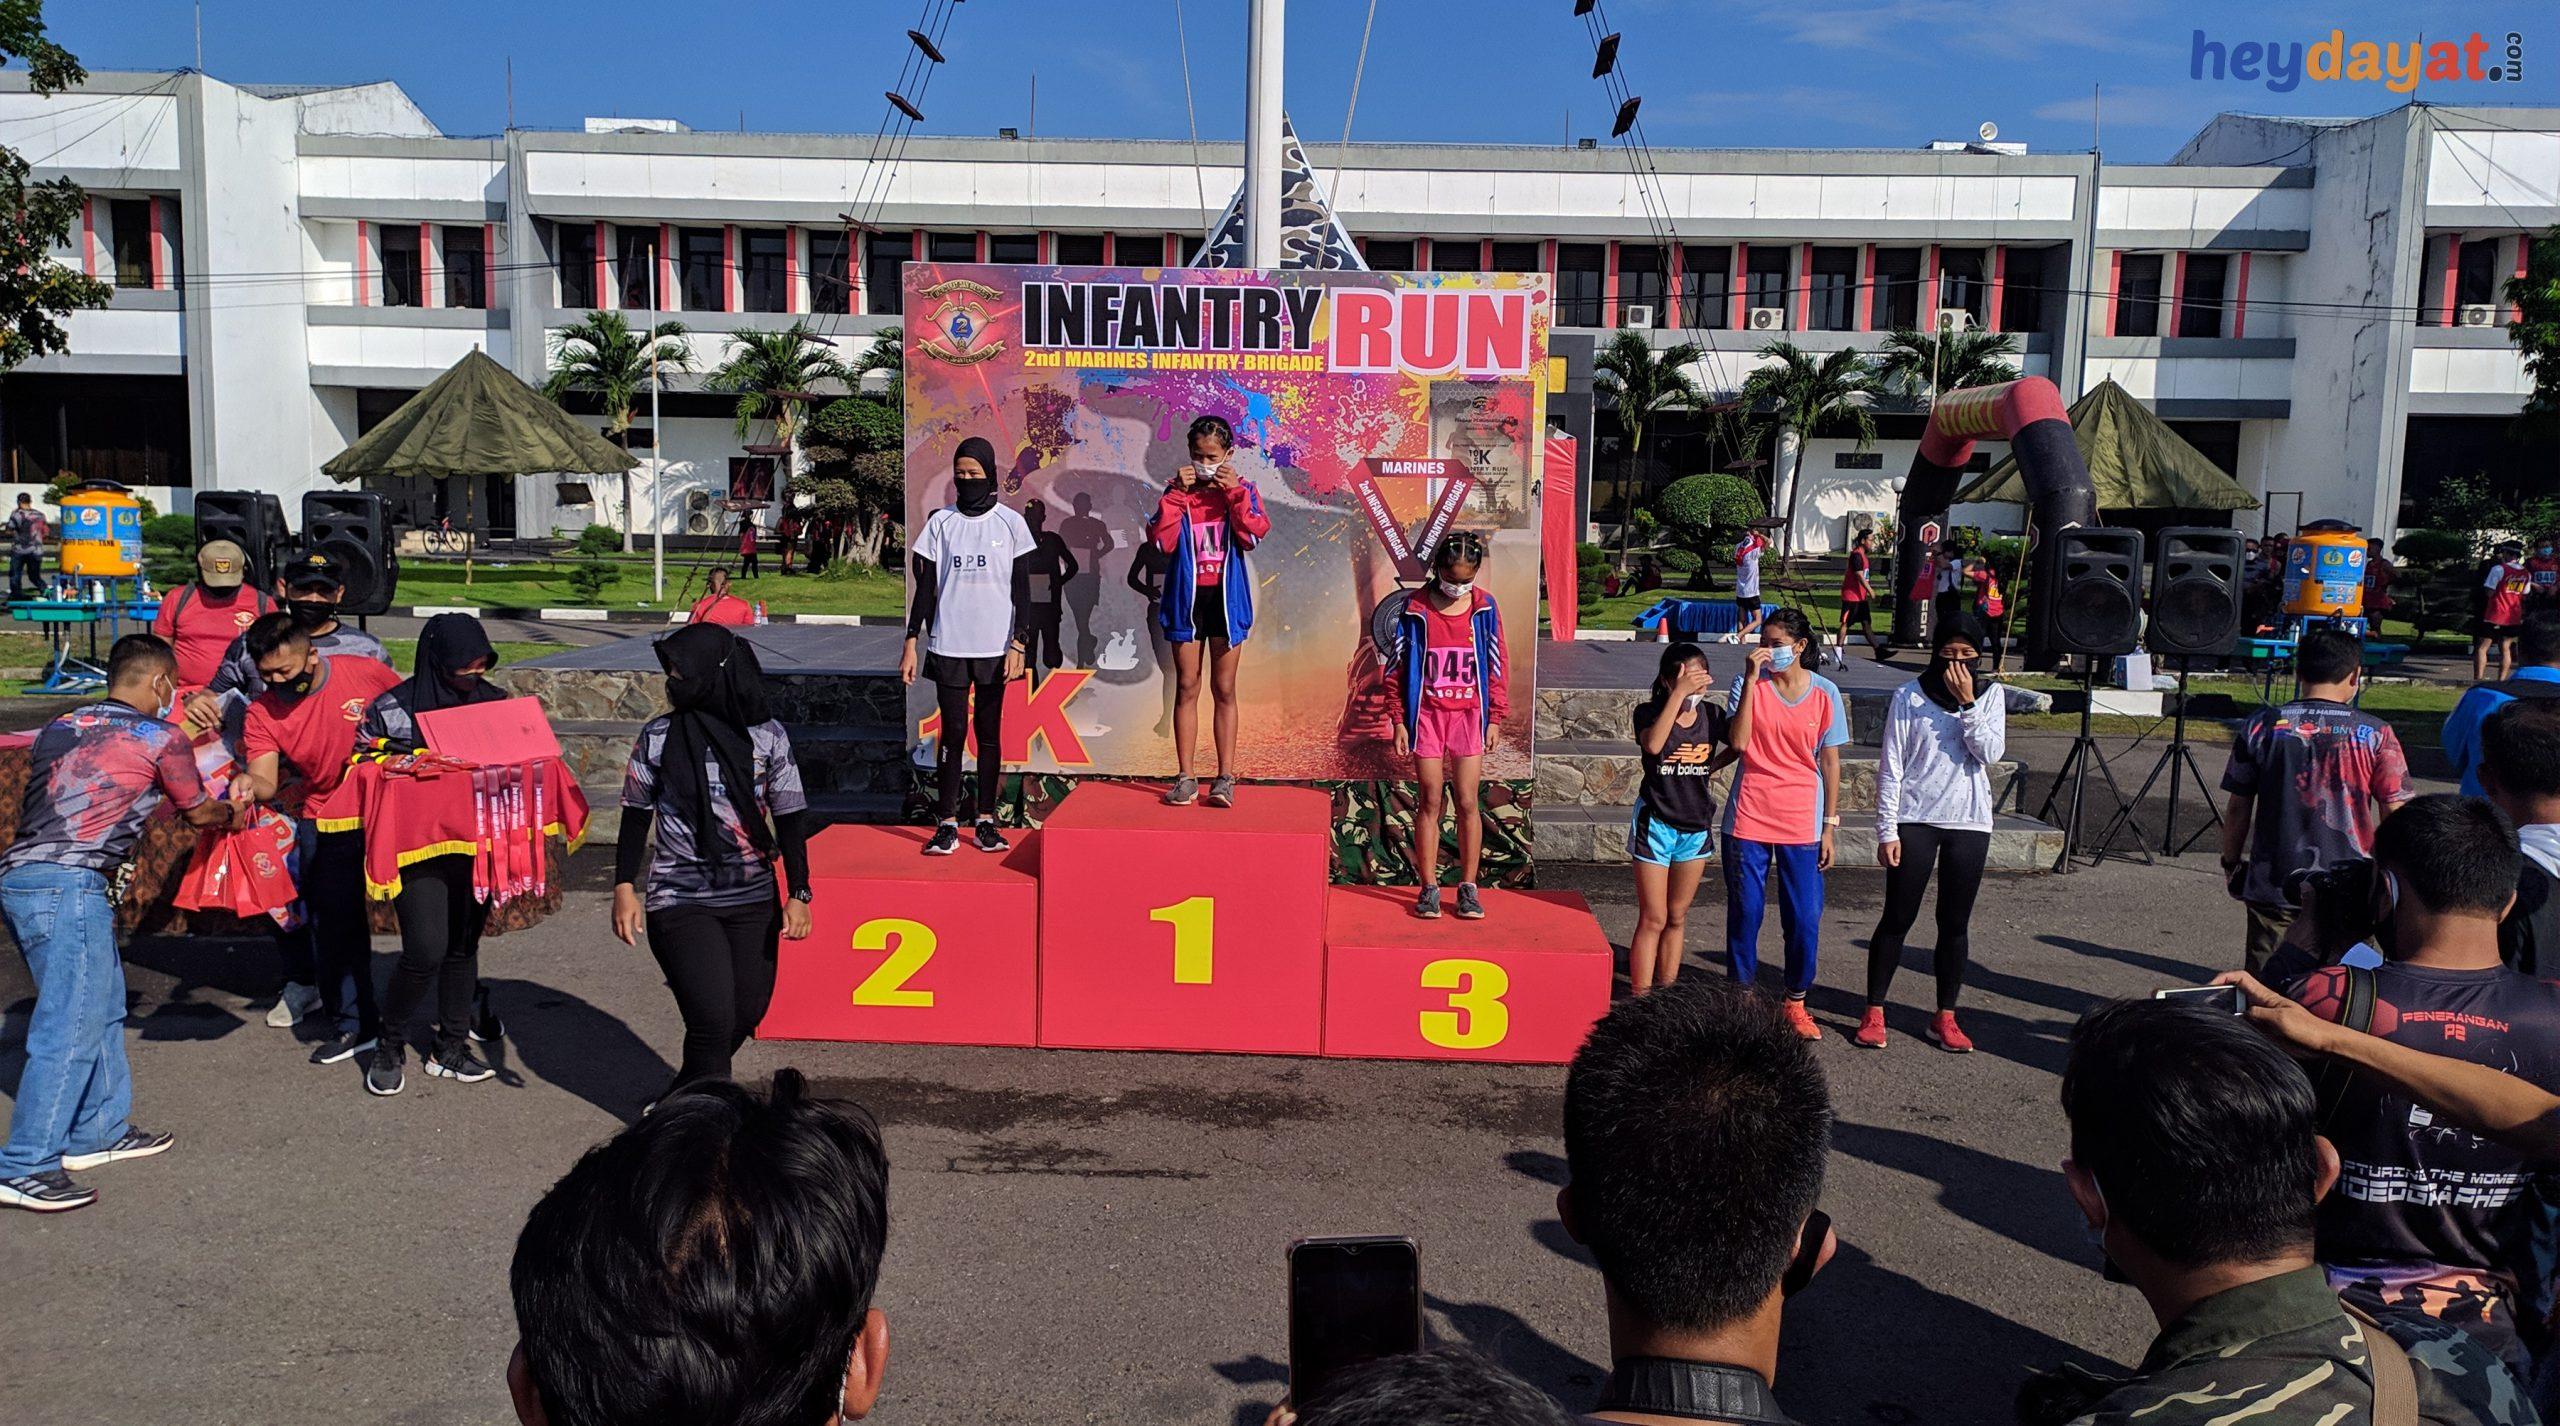 Penyerahan Hadiah Juara 2nd Infantry Run Kategori Umum dan Harapan Putri